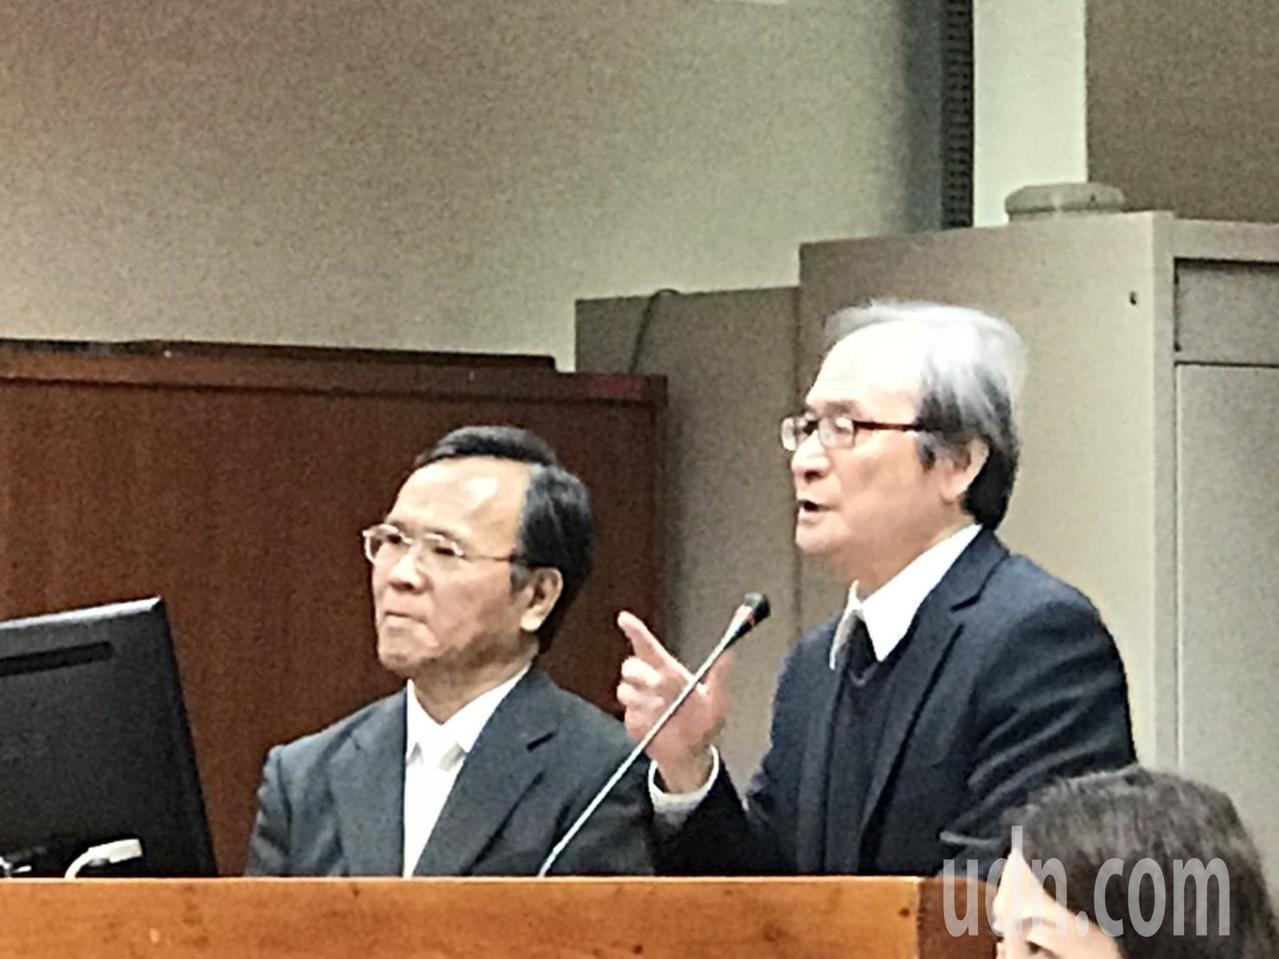 立法院教育文化委員會邀請原能會主委謝曉星(右)業務報告並備質詢。記者馮靖惠/攝影